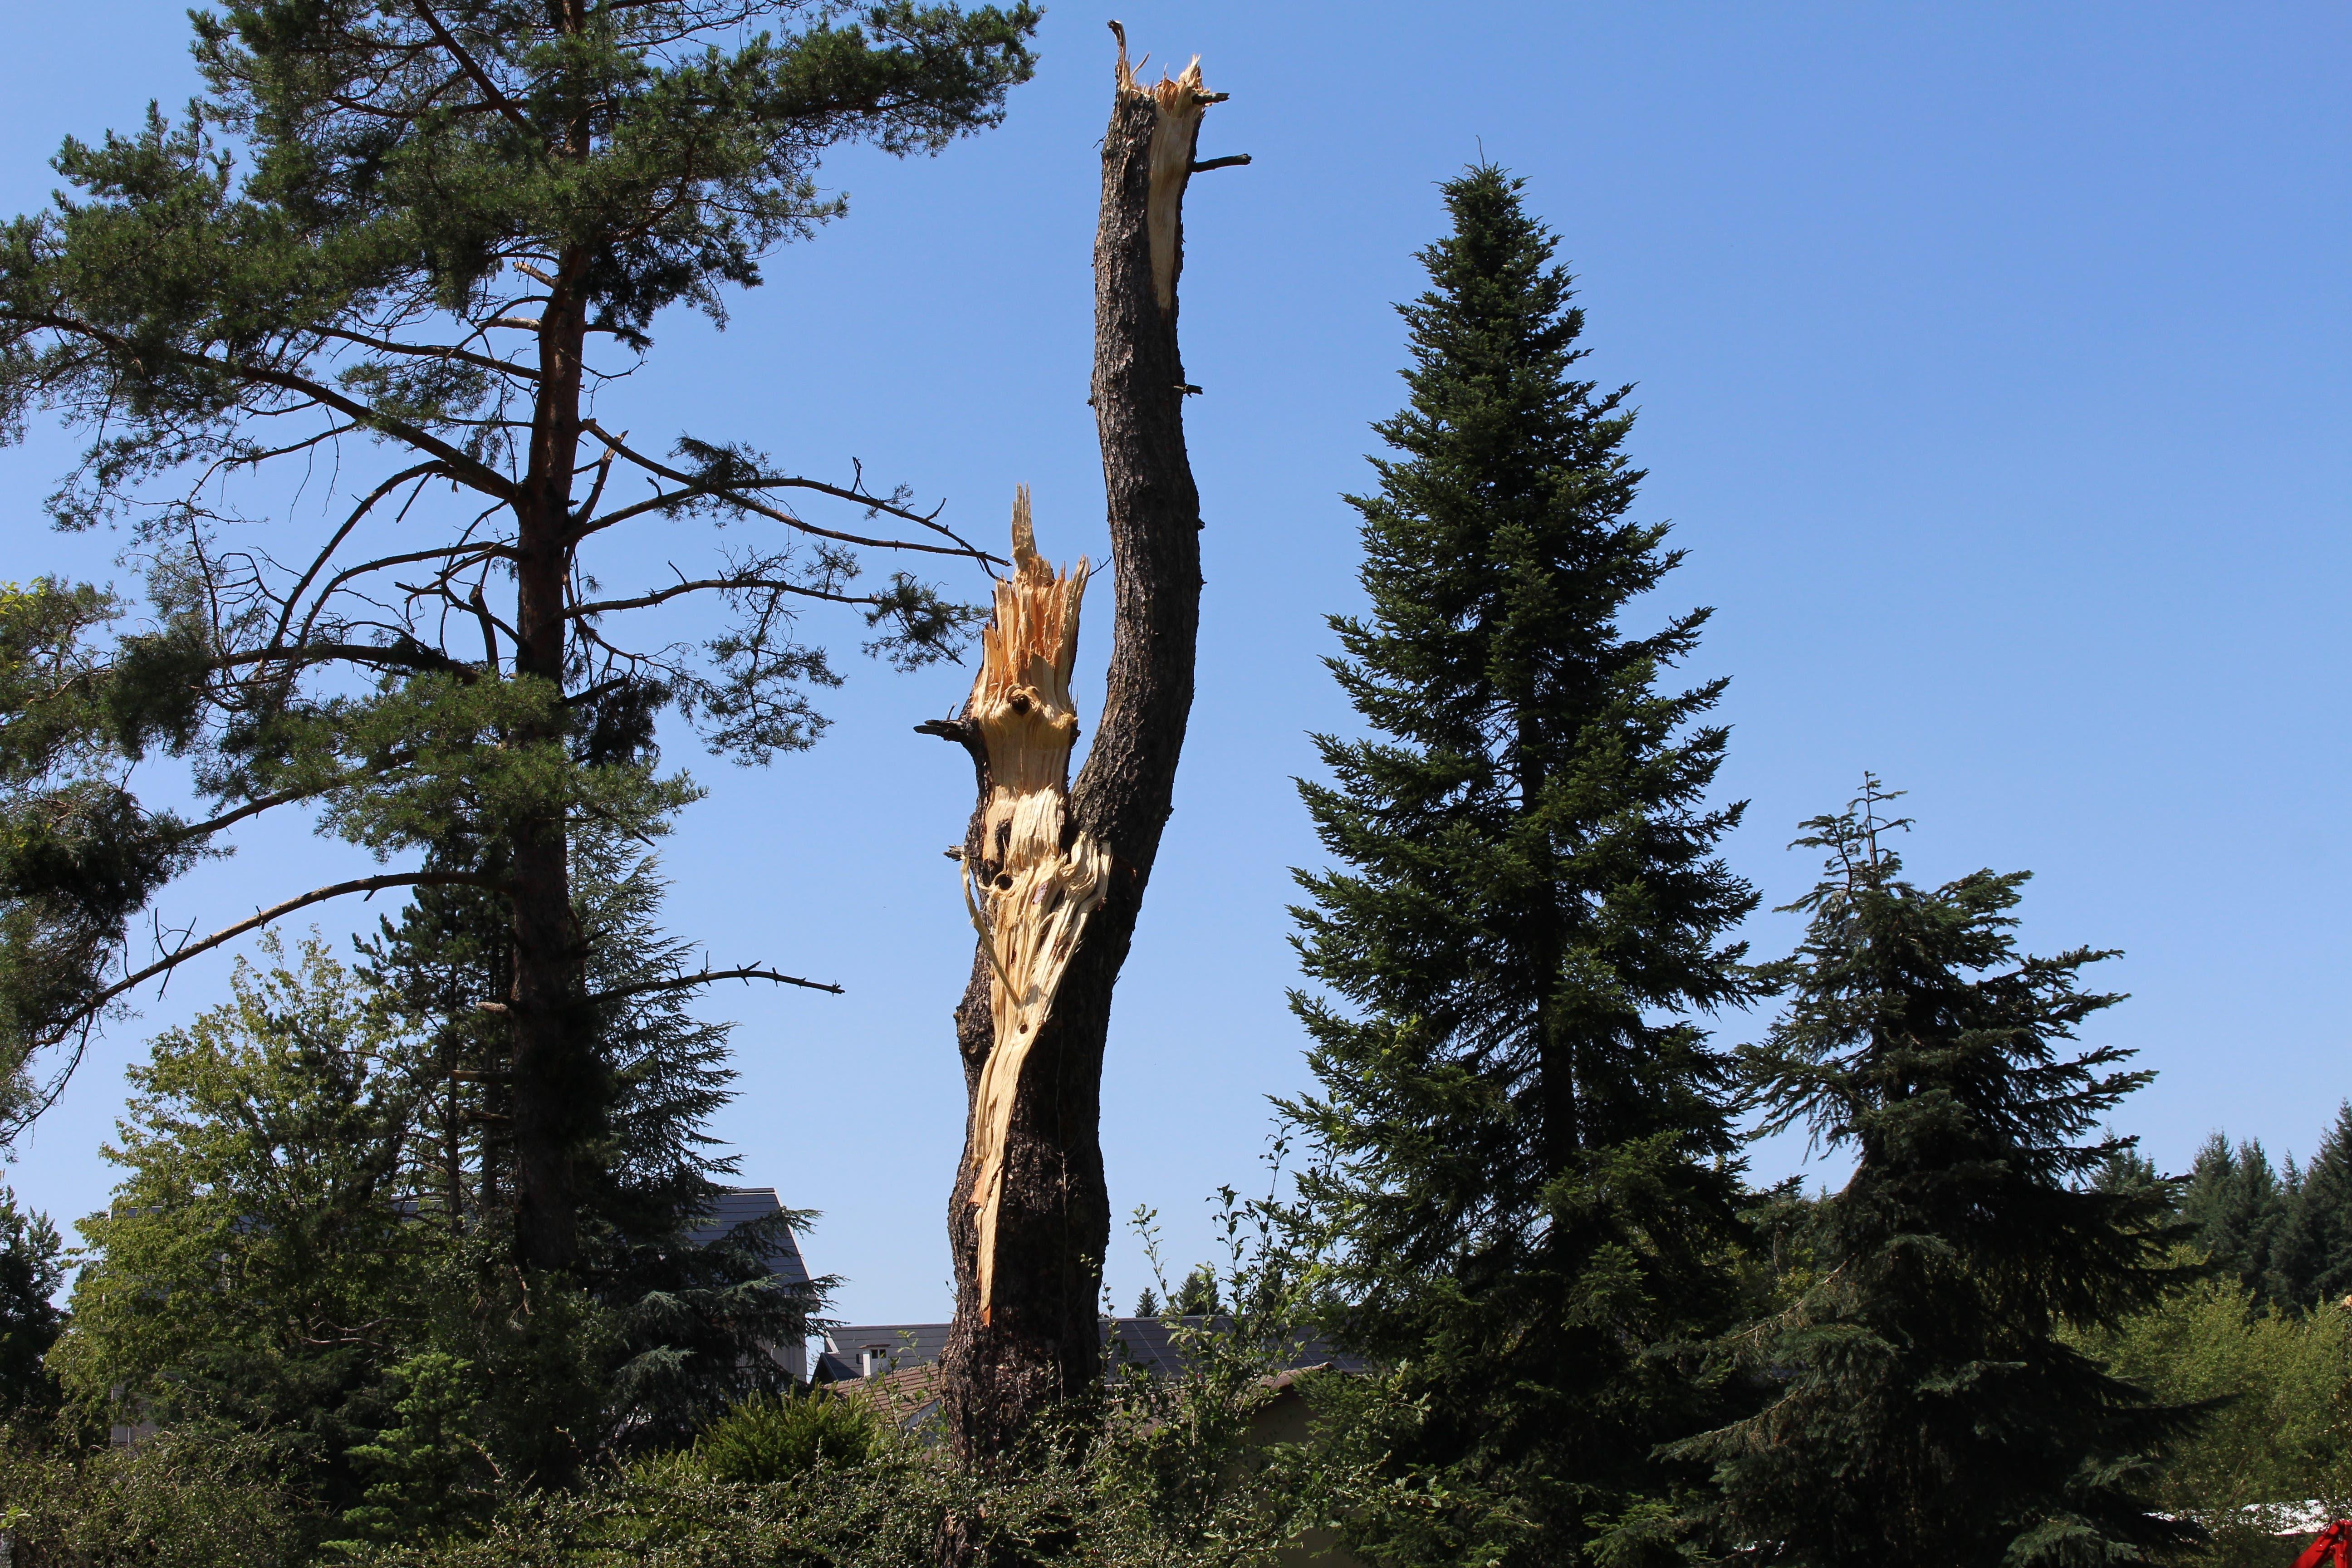 Dieser Baum steht direkt vor der Eidgenössischen Forschungsanstalt für Wald, Schnee und Landschaft (WSL) in Birmensdorf. Hier wurden die Bäume besonders hart vom Sturm getroffen.